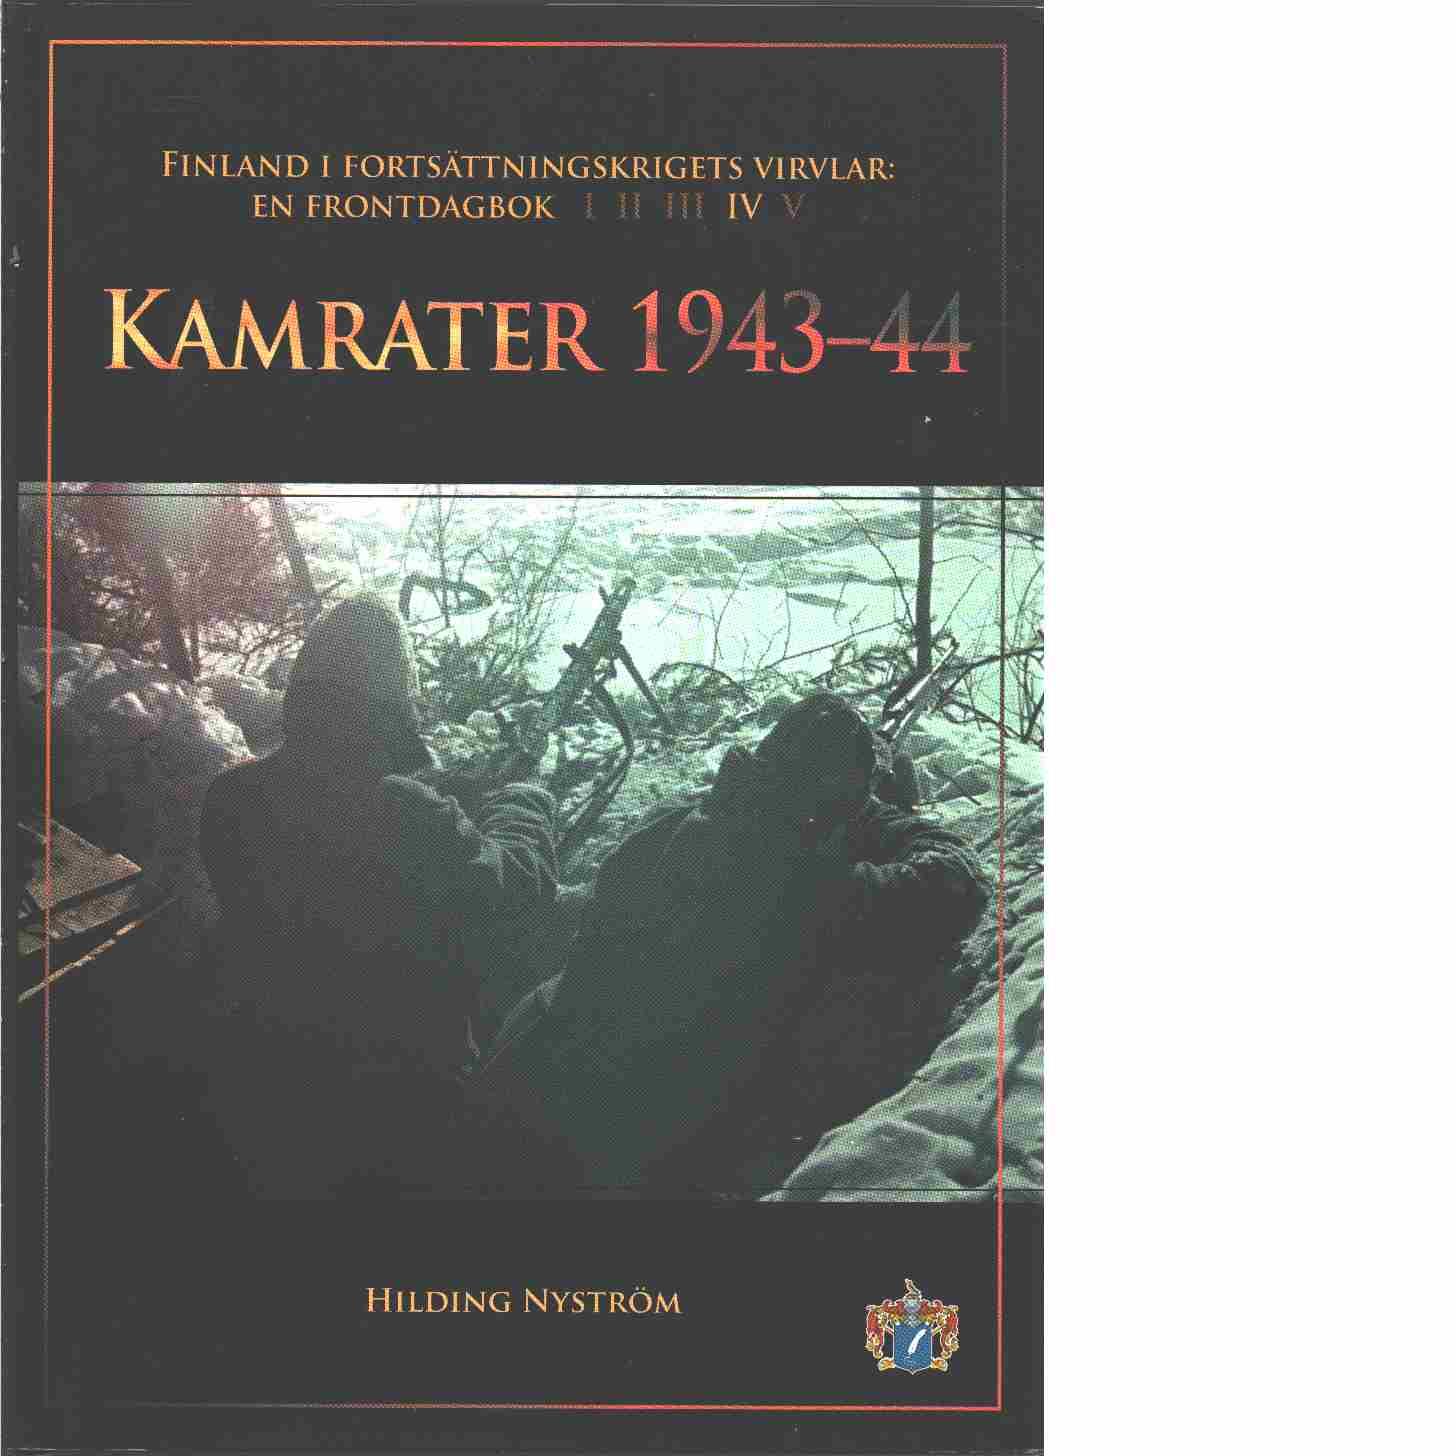 Kamrater 1943-1944   - Finland i fortsättningskrigets virvlar: En frontdagbok del IV - Nyström, Hilding